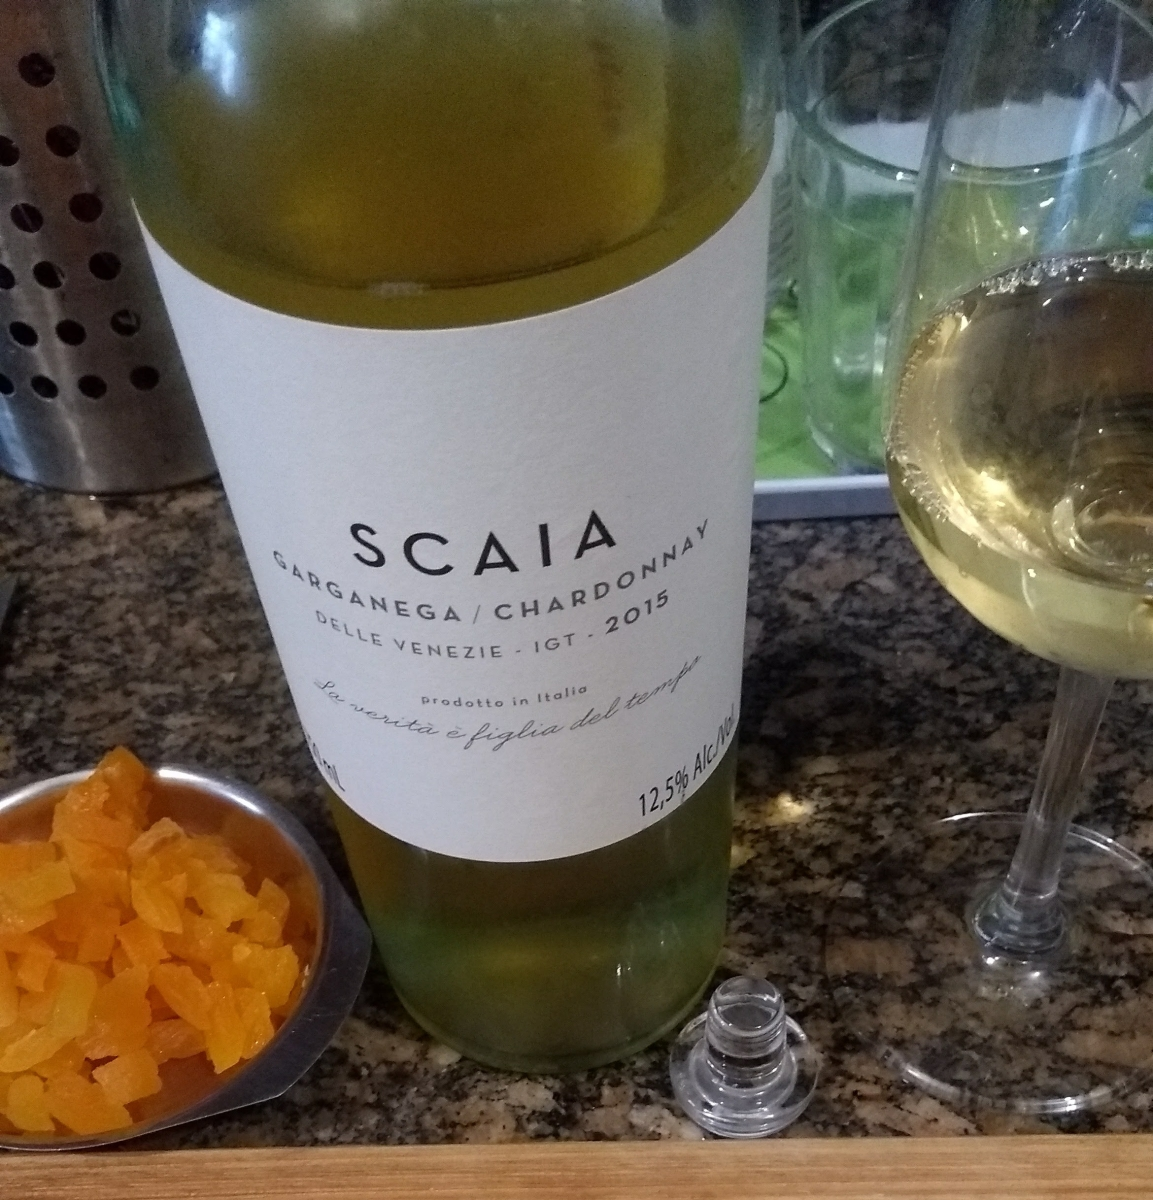 Cozinhar bebendo: uma ótima forma de começar a apreciar um vinho!